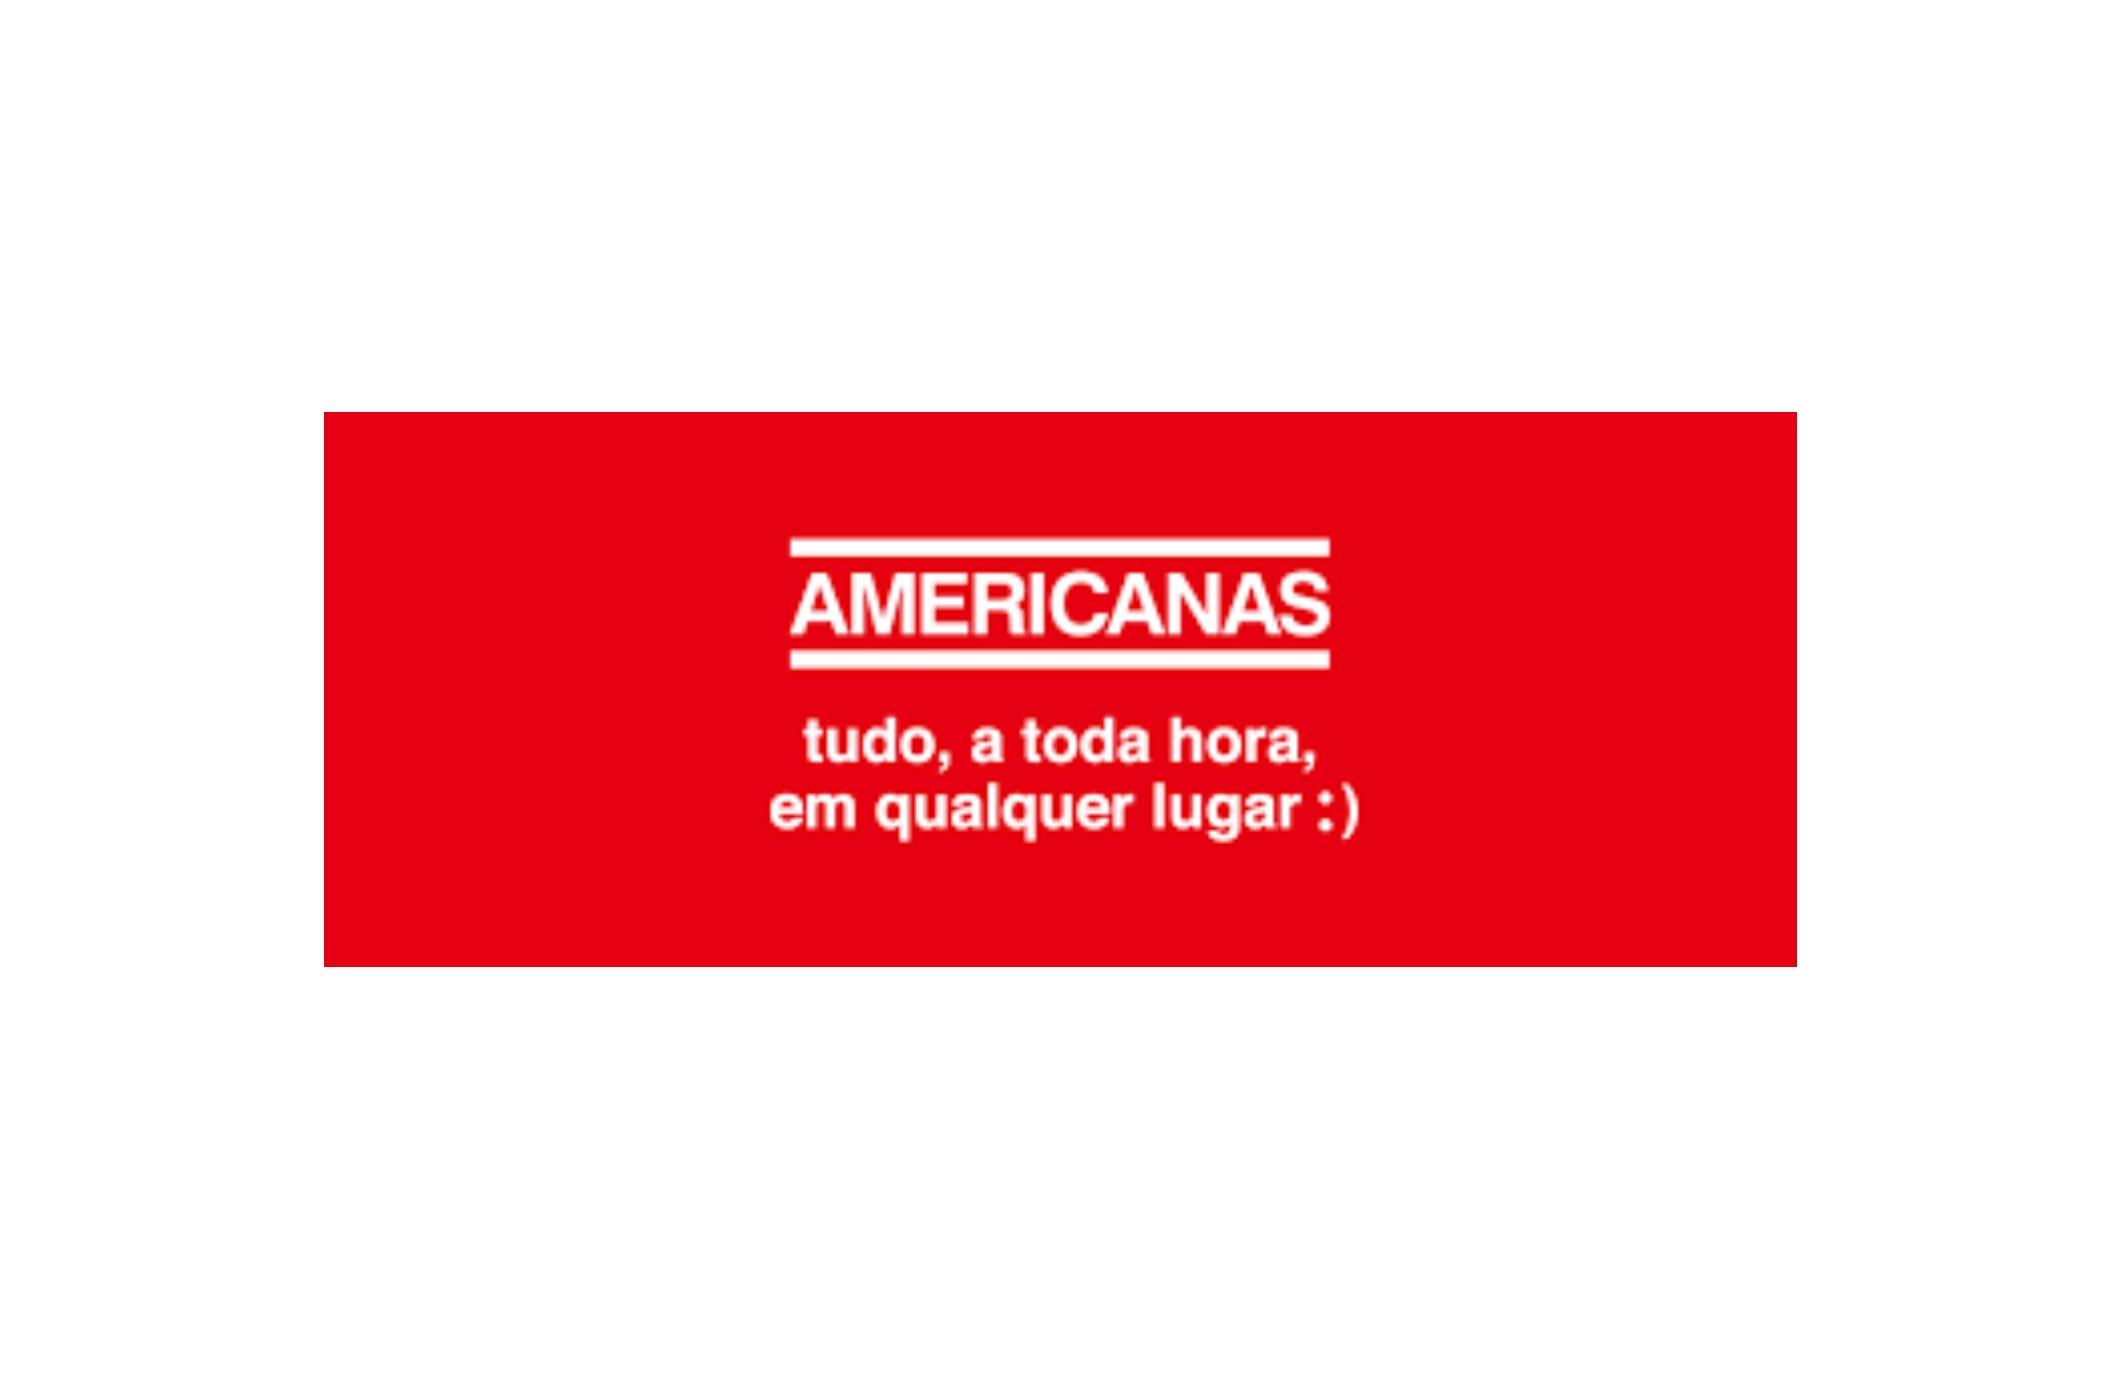 Telefone das Lojas Americanas - 0800